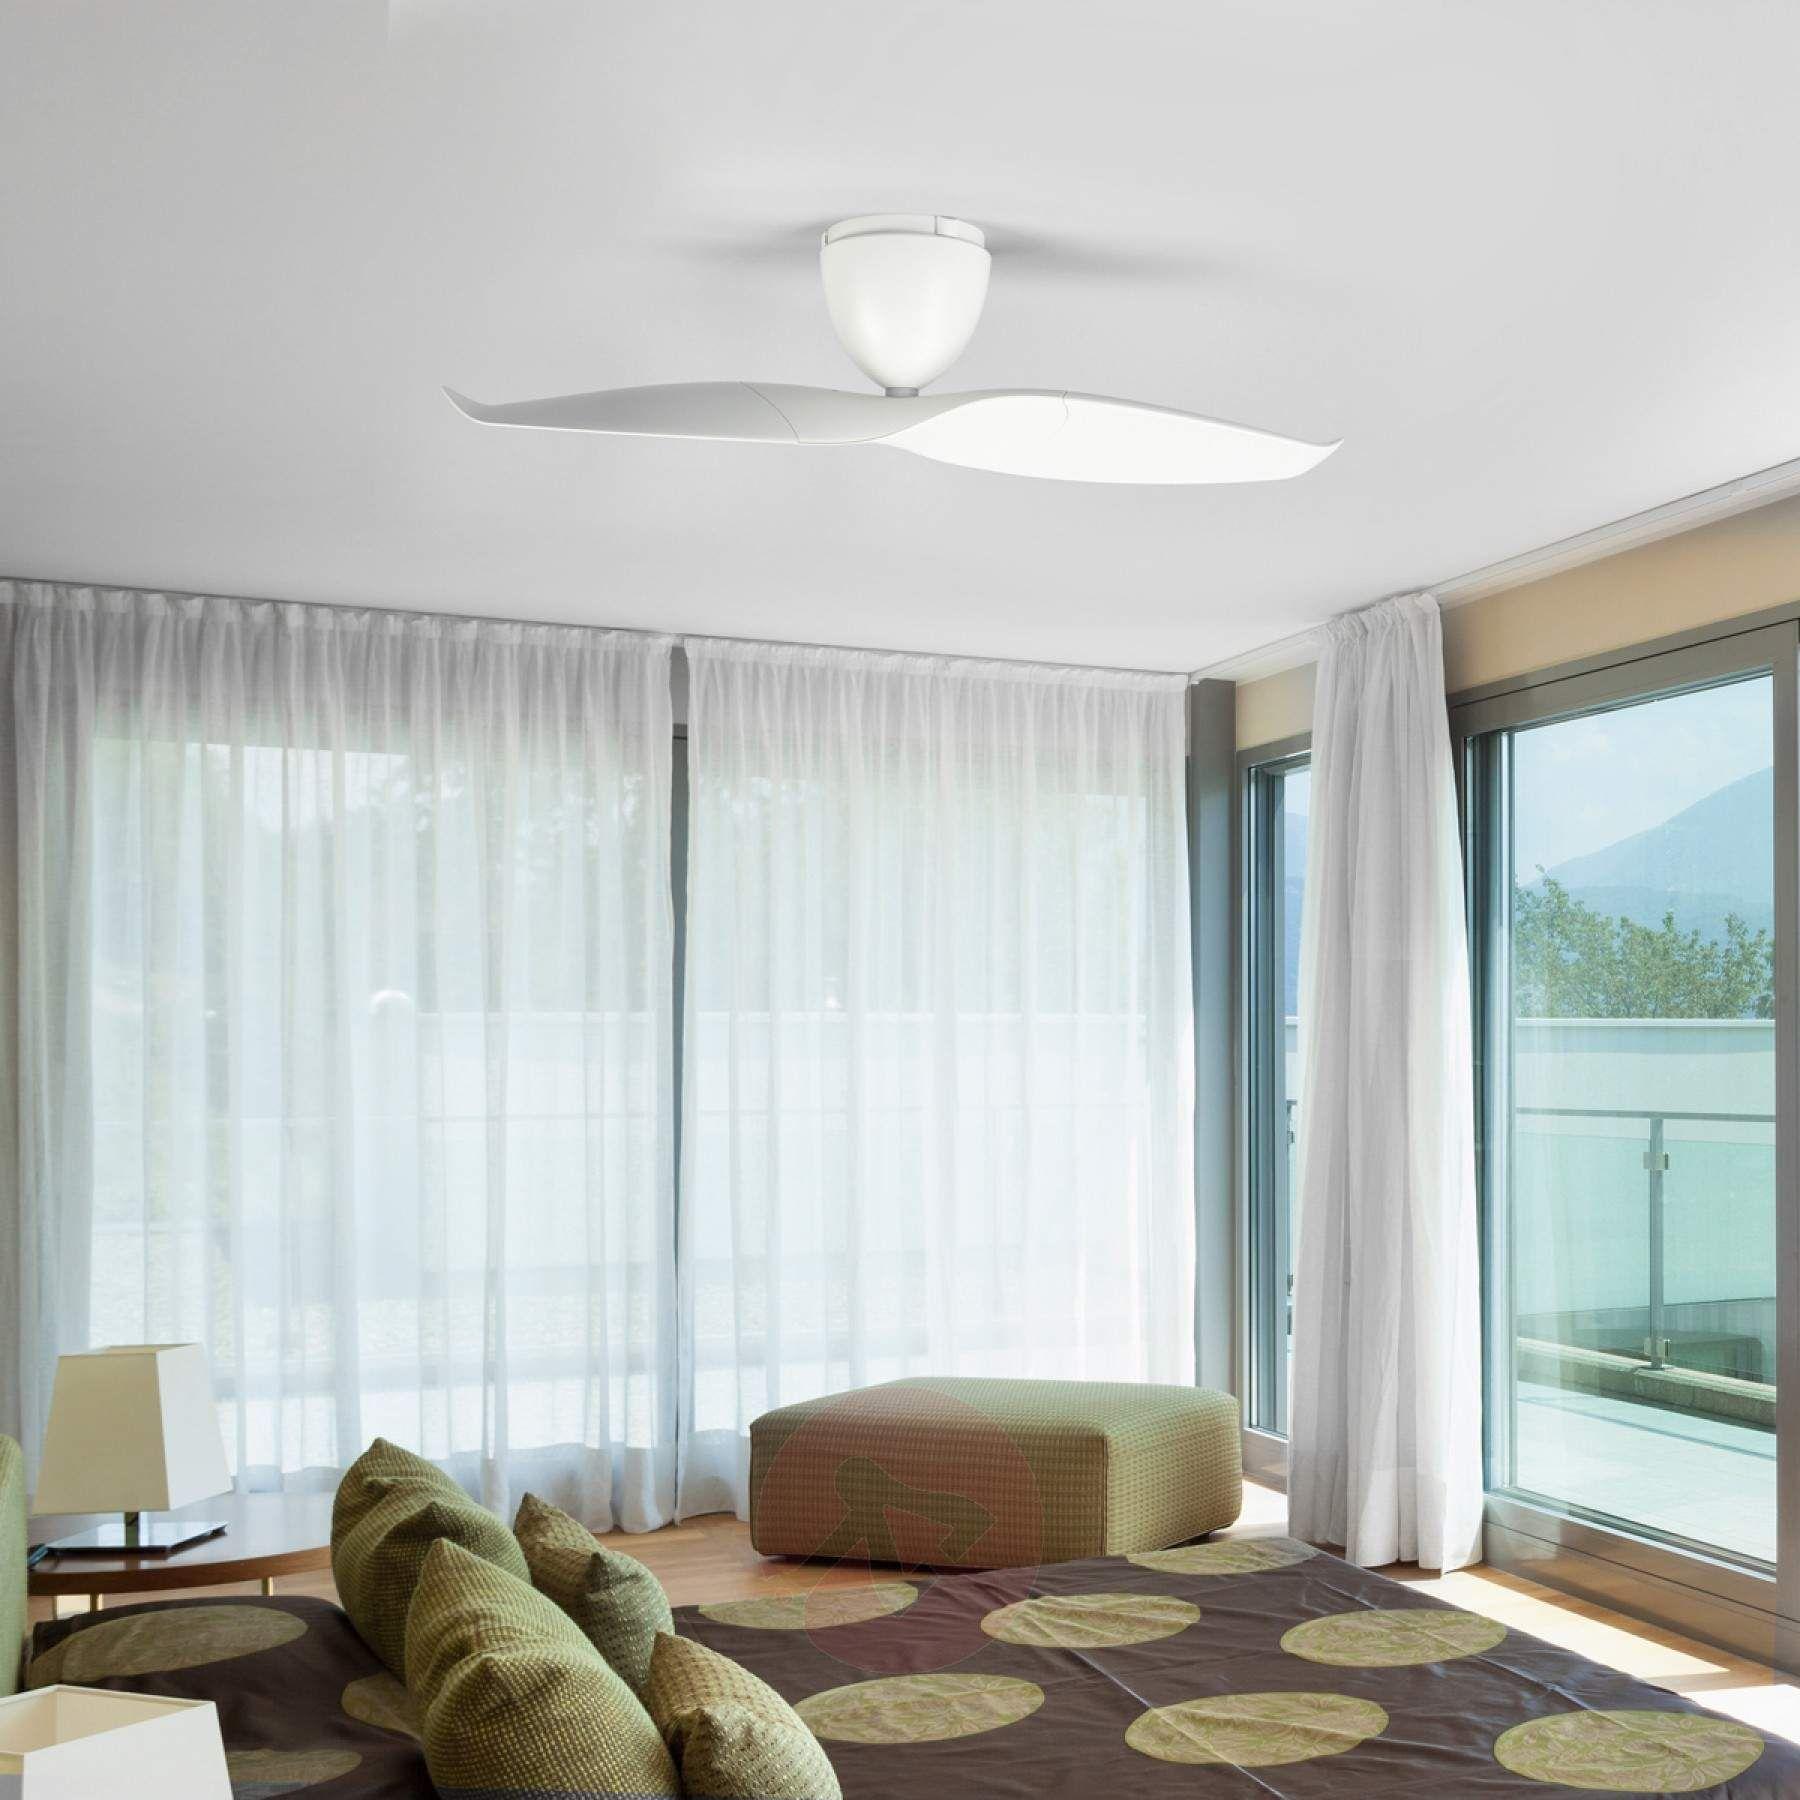 White modern ceiling fan in a wave shape